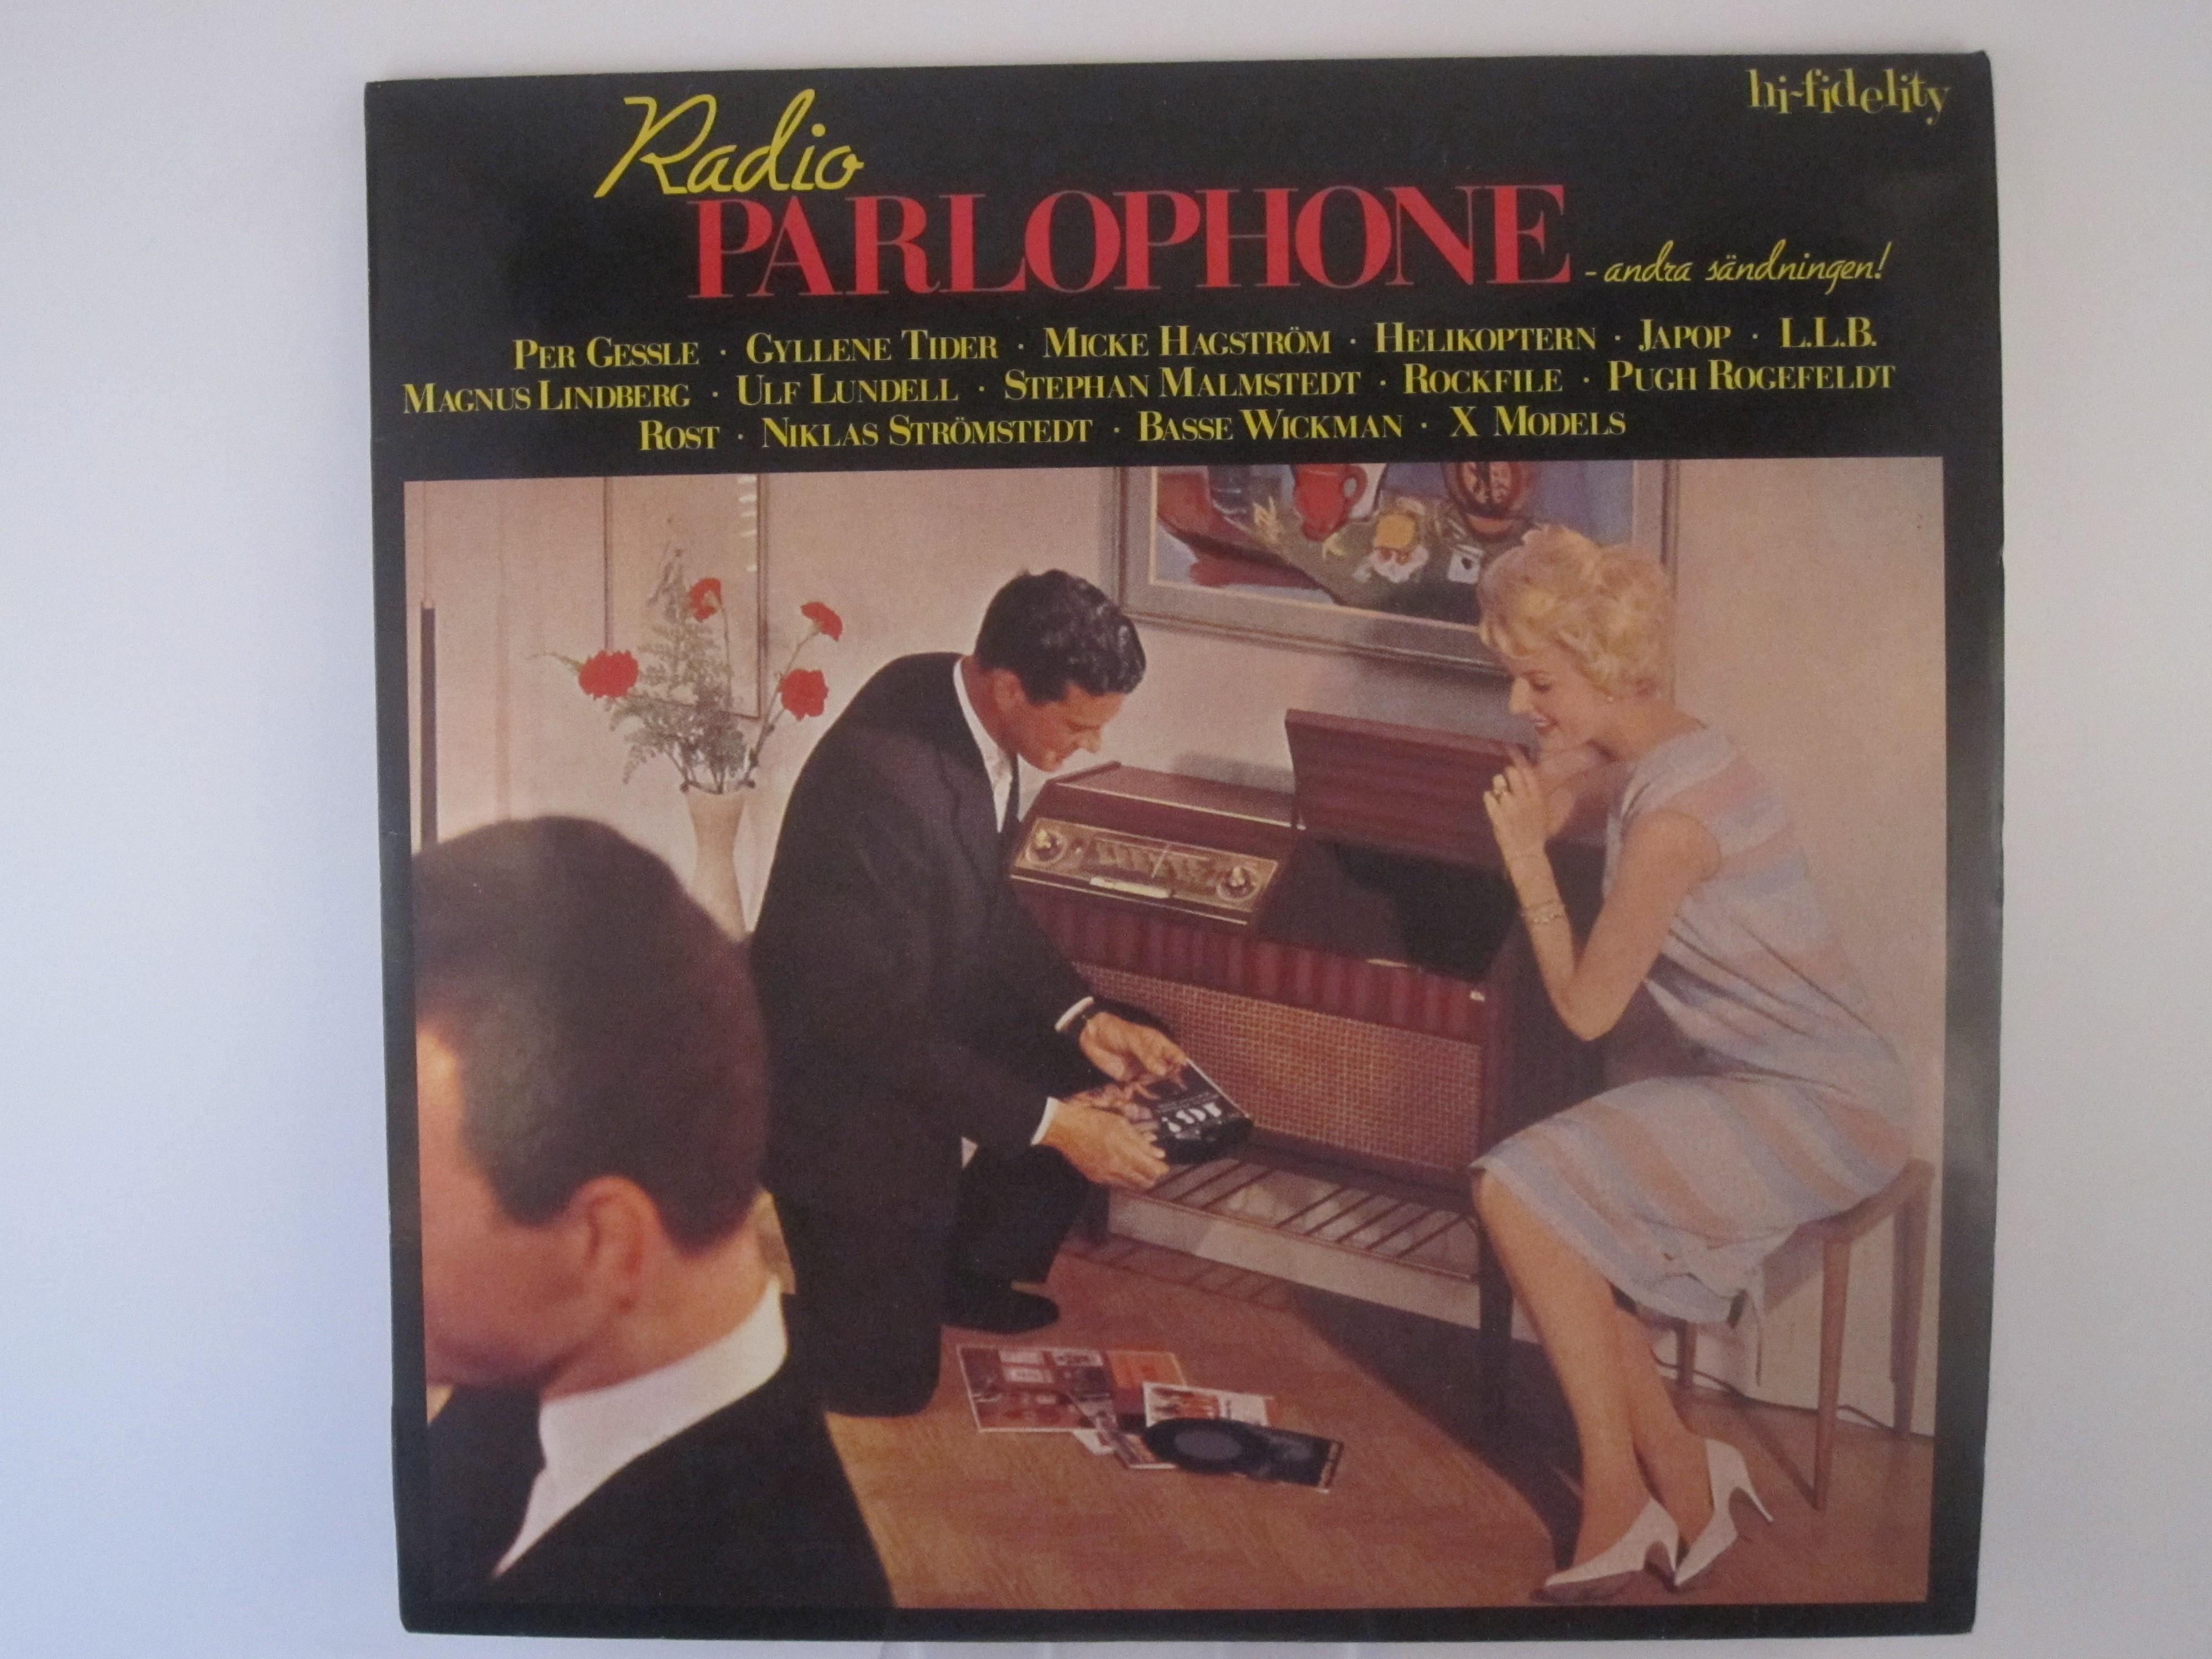 Radio Parlophone - Andra Sändningen : VARIOUS ARTISTS